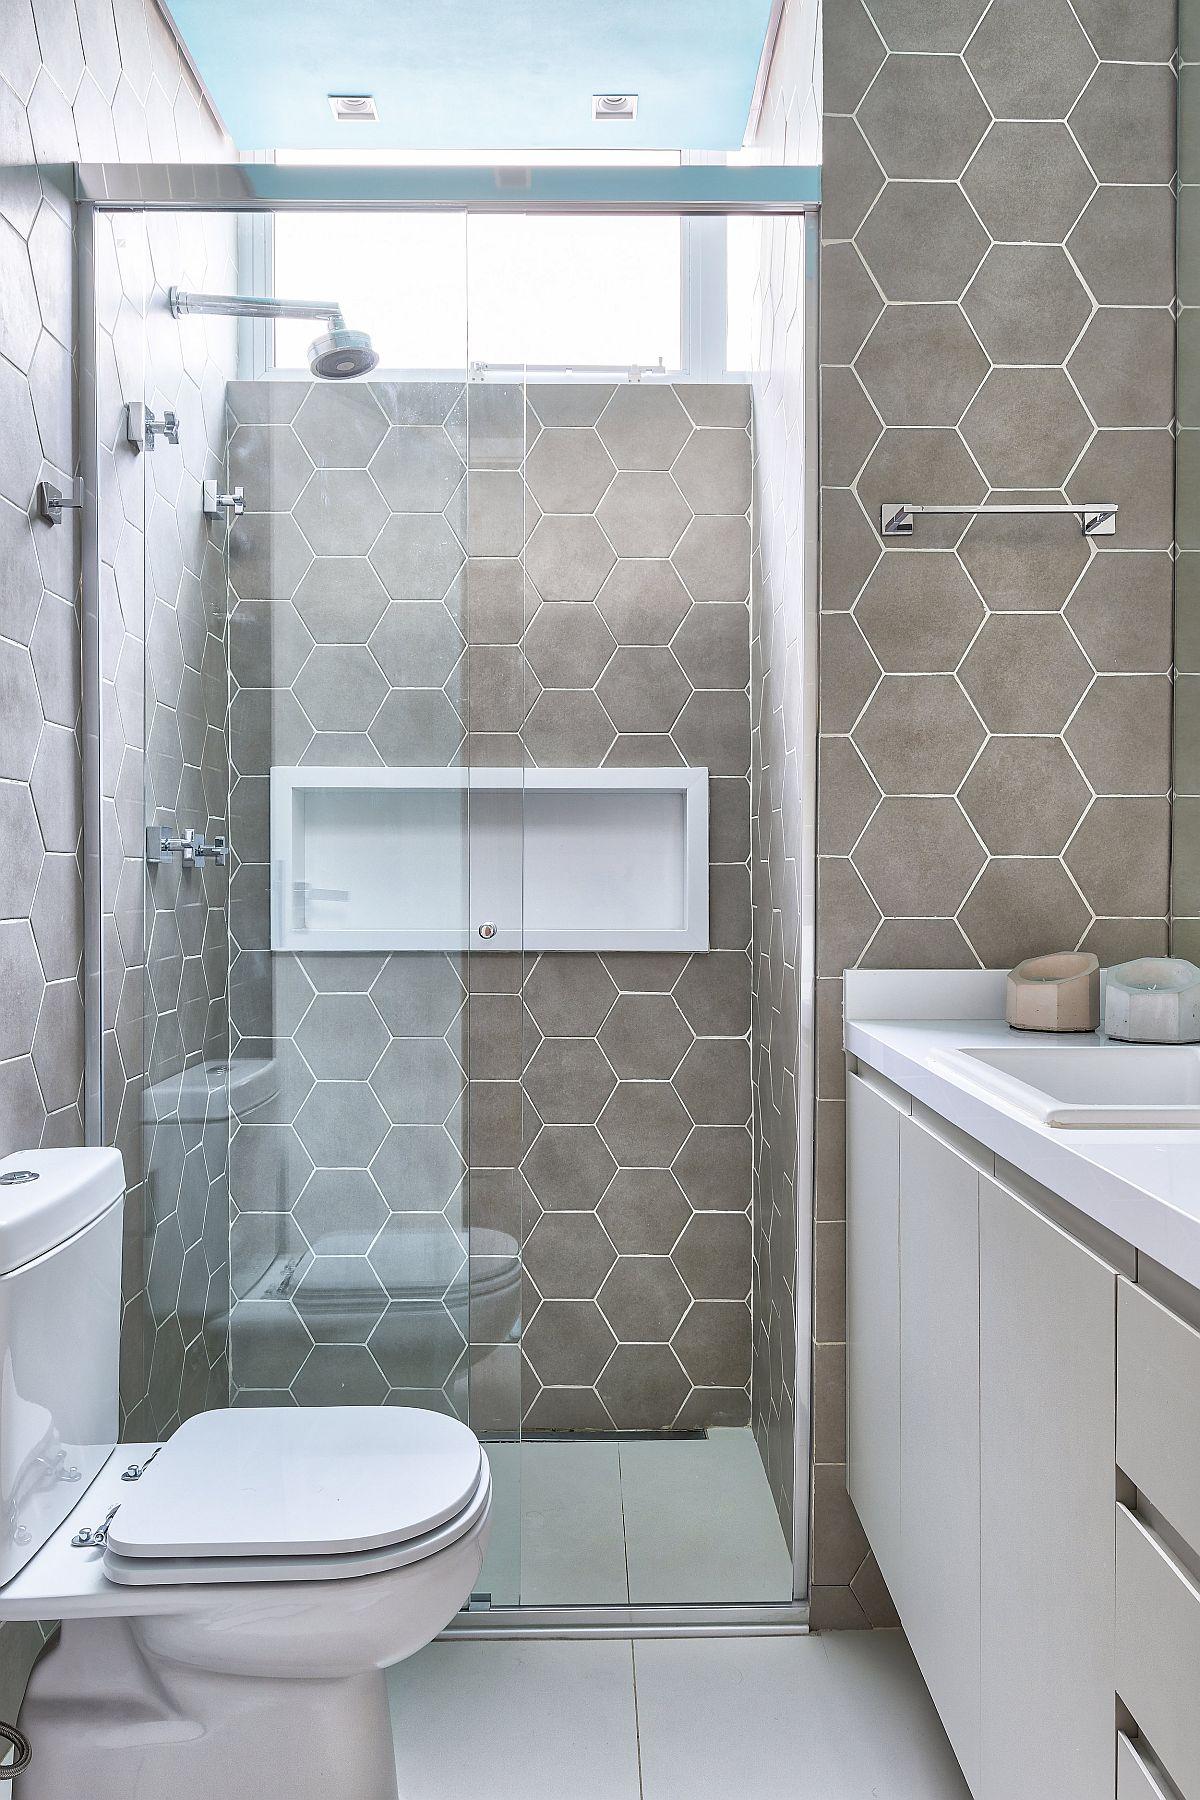 A doua baie din zona de noapte este doată cu duș, unde panoul de sticlă este culisant. Fiind o cameră mică, pereții au fost îmbrăcați cu același tip de gresie hexagonală, iar pardoseala a fost aleasă albă pentru mai multă luminozitate și senzație de spațiu, dar și pentru ca obiectele sanitare și mobila albă să nu fragmente spațiul. Nișa albă din zona dușului este binevenită, dar și vizual conferă armonie în spațiul mic al băii.